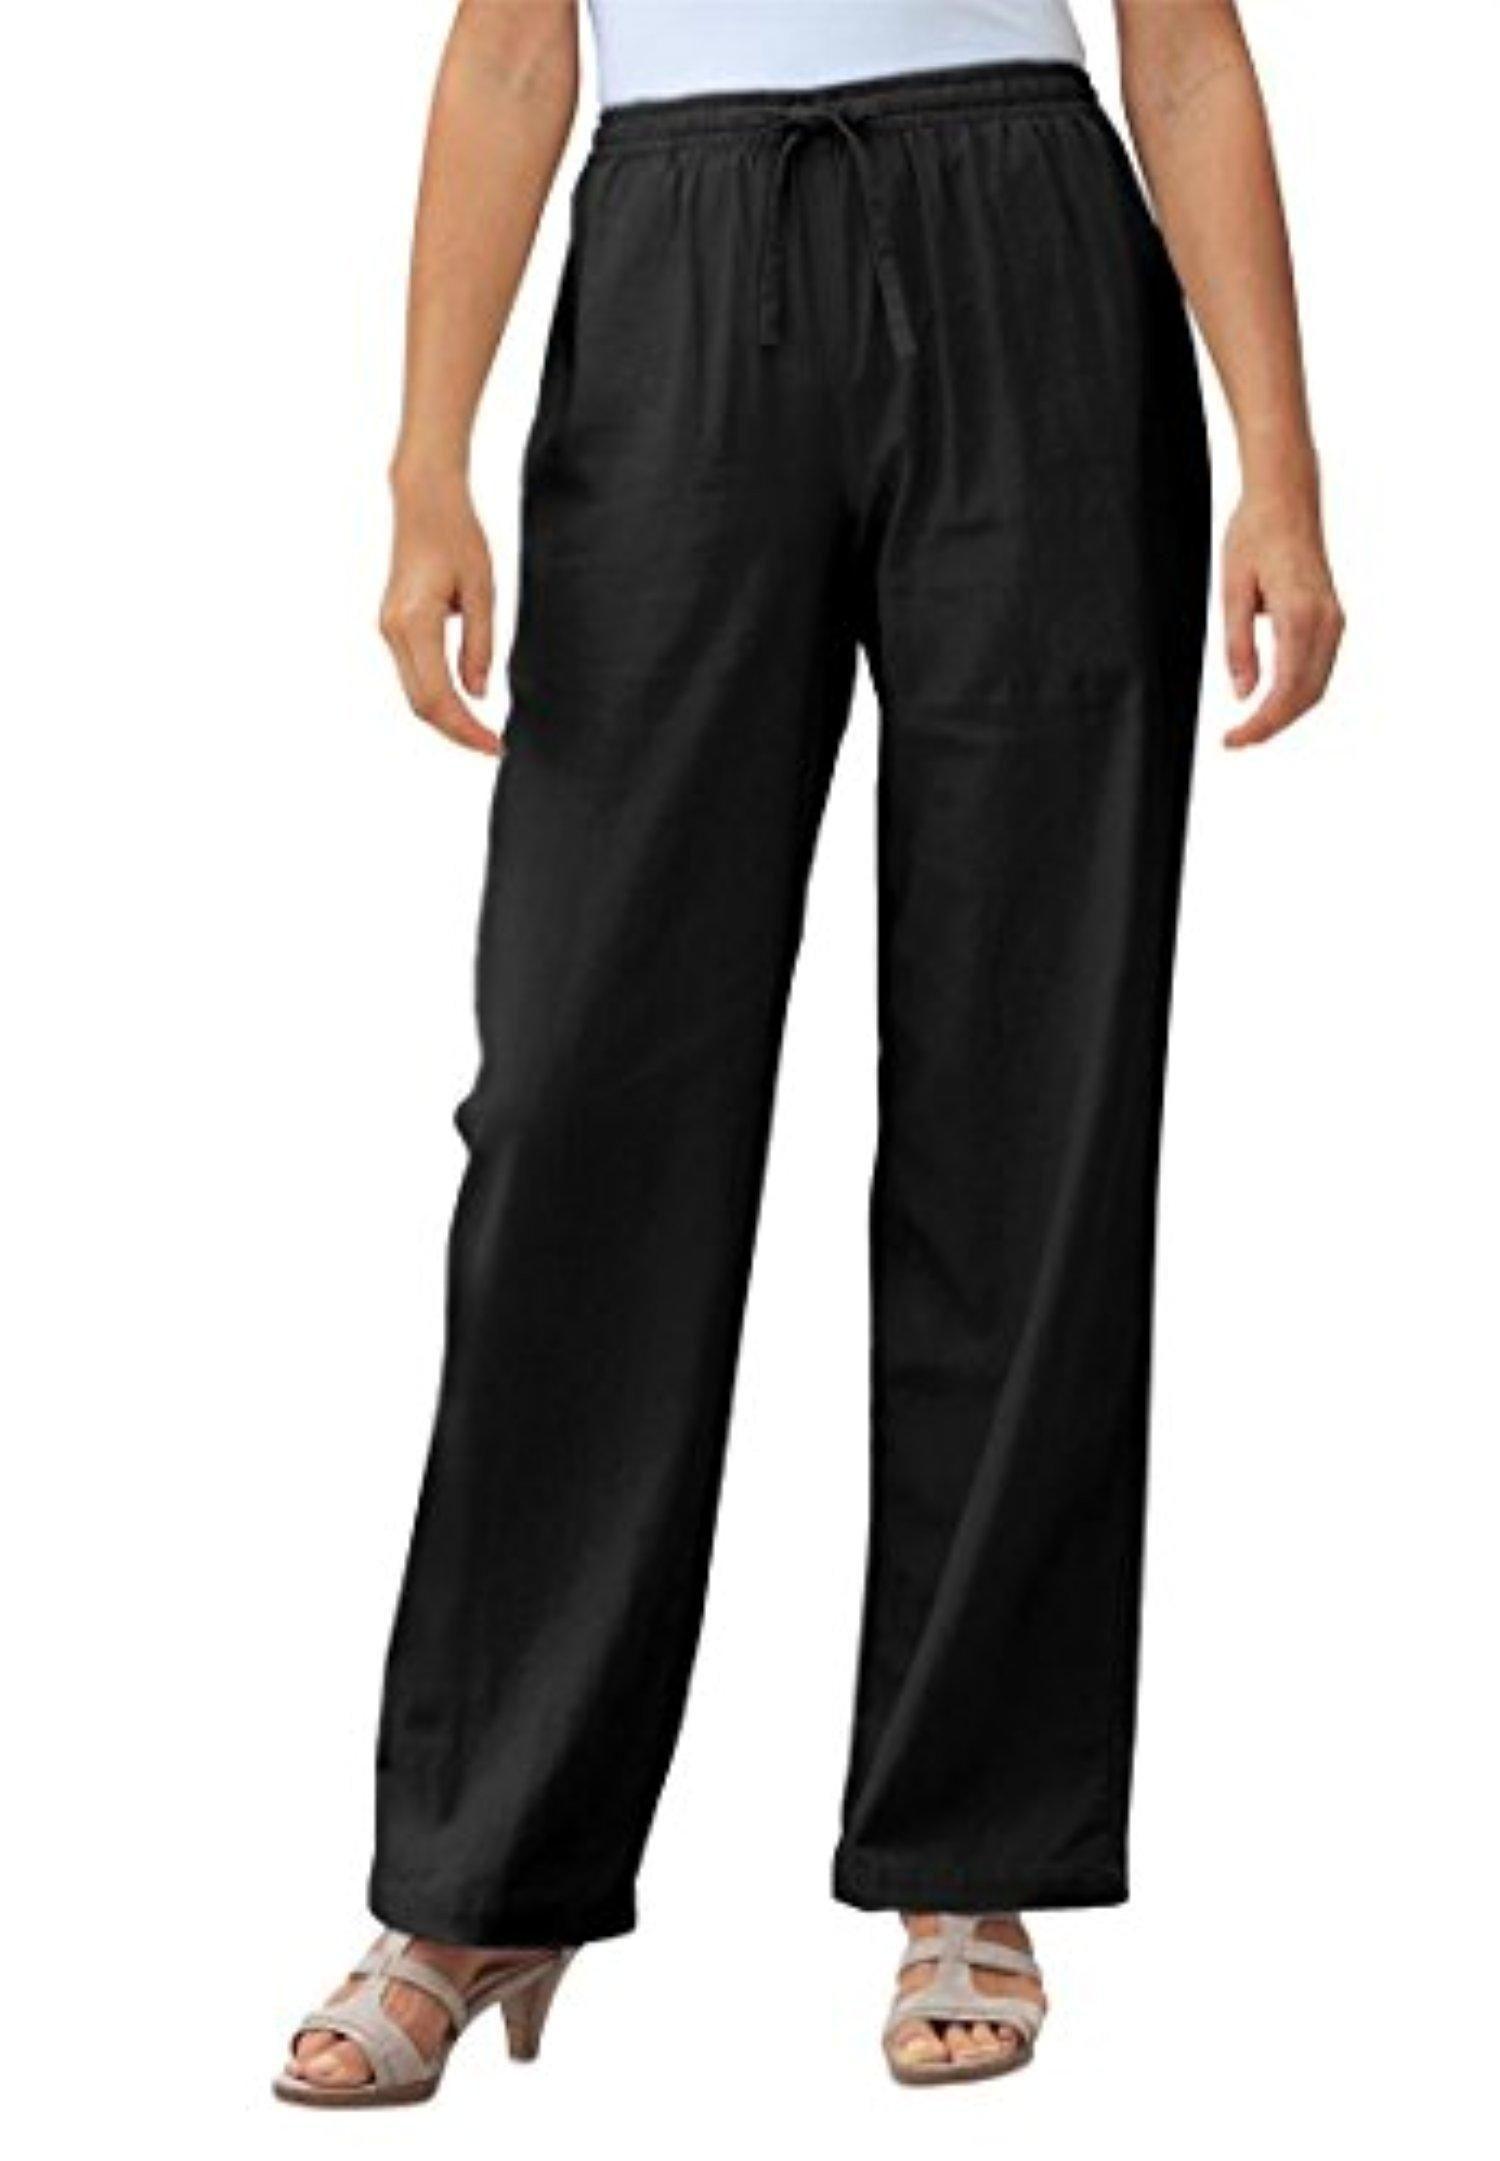 130f11de26a Women s Plus Size Pants In Cool Linen Blend Black